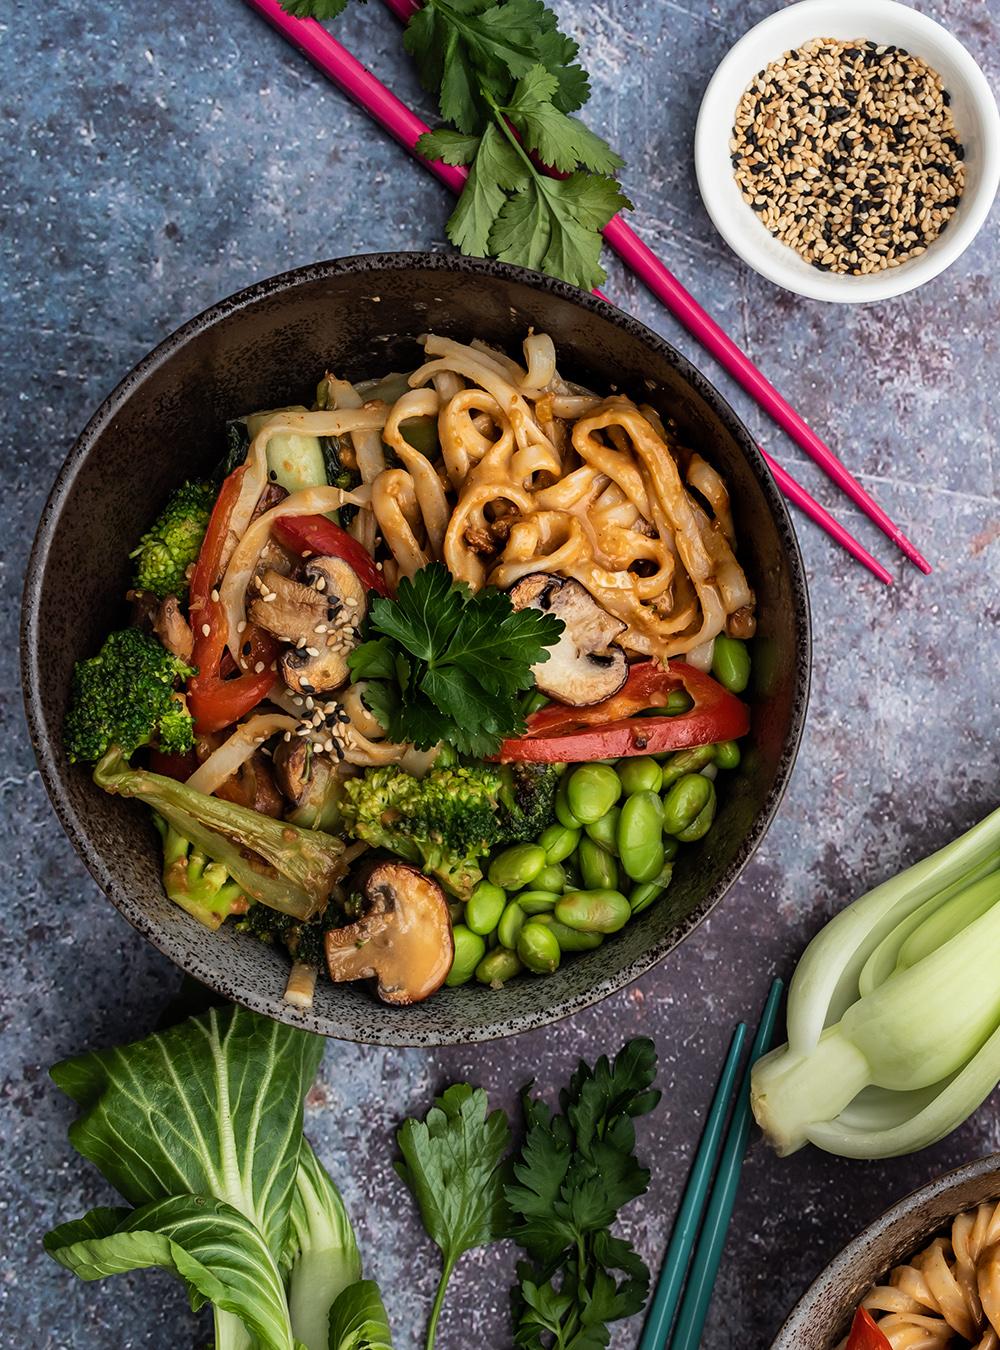 Vegane Asia Nudel Bowl mit Erdnuss-Sauce - mit viel, knackigem Pfannenemüse,